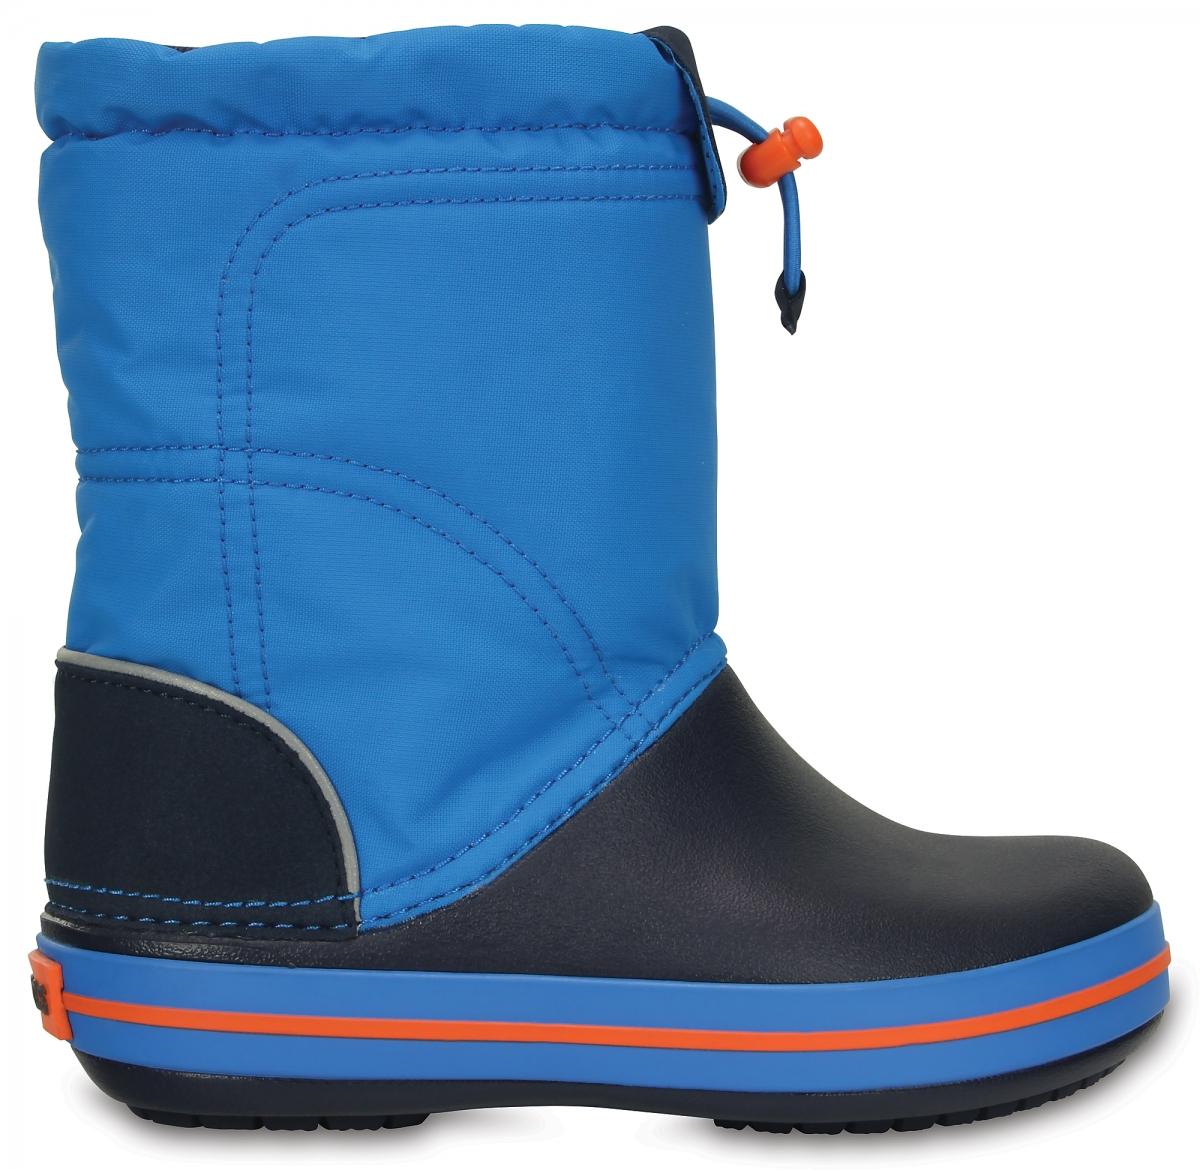 Crocs Crocband LodgePoint Boot Kids Ocean/Navy, C13 (30-31)